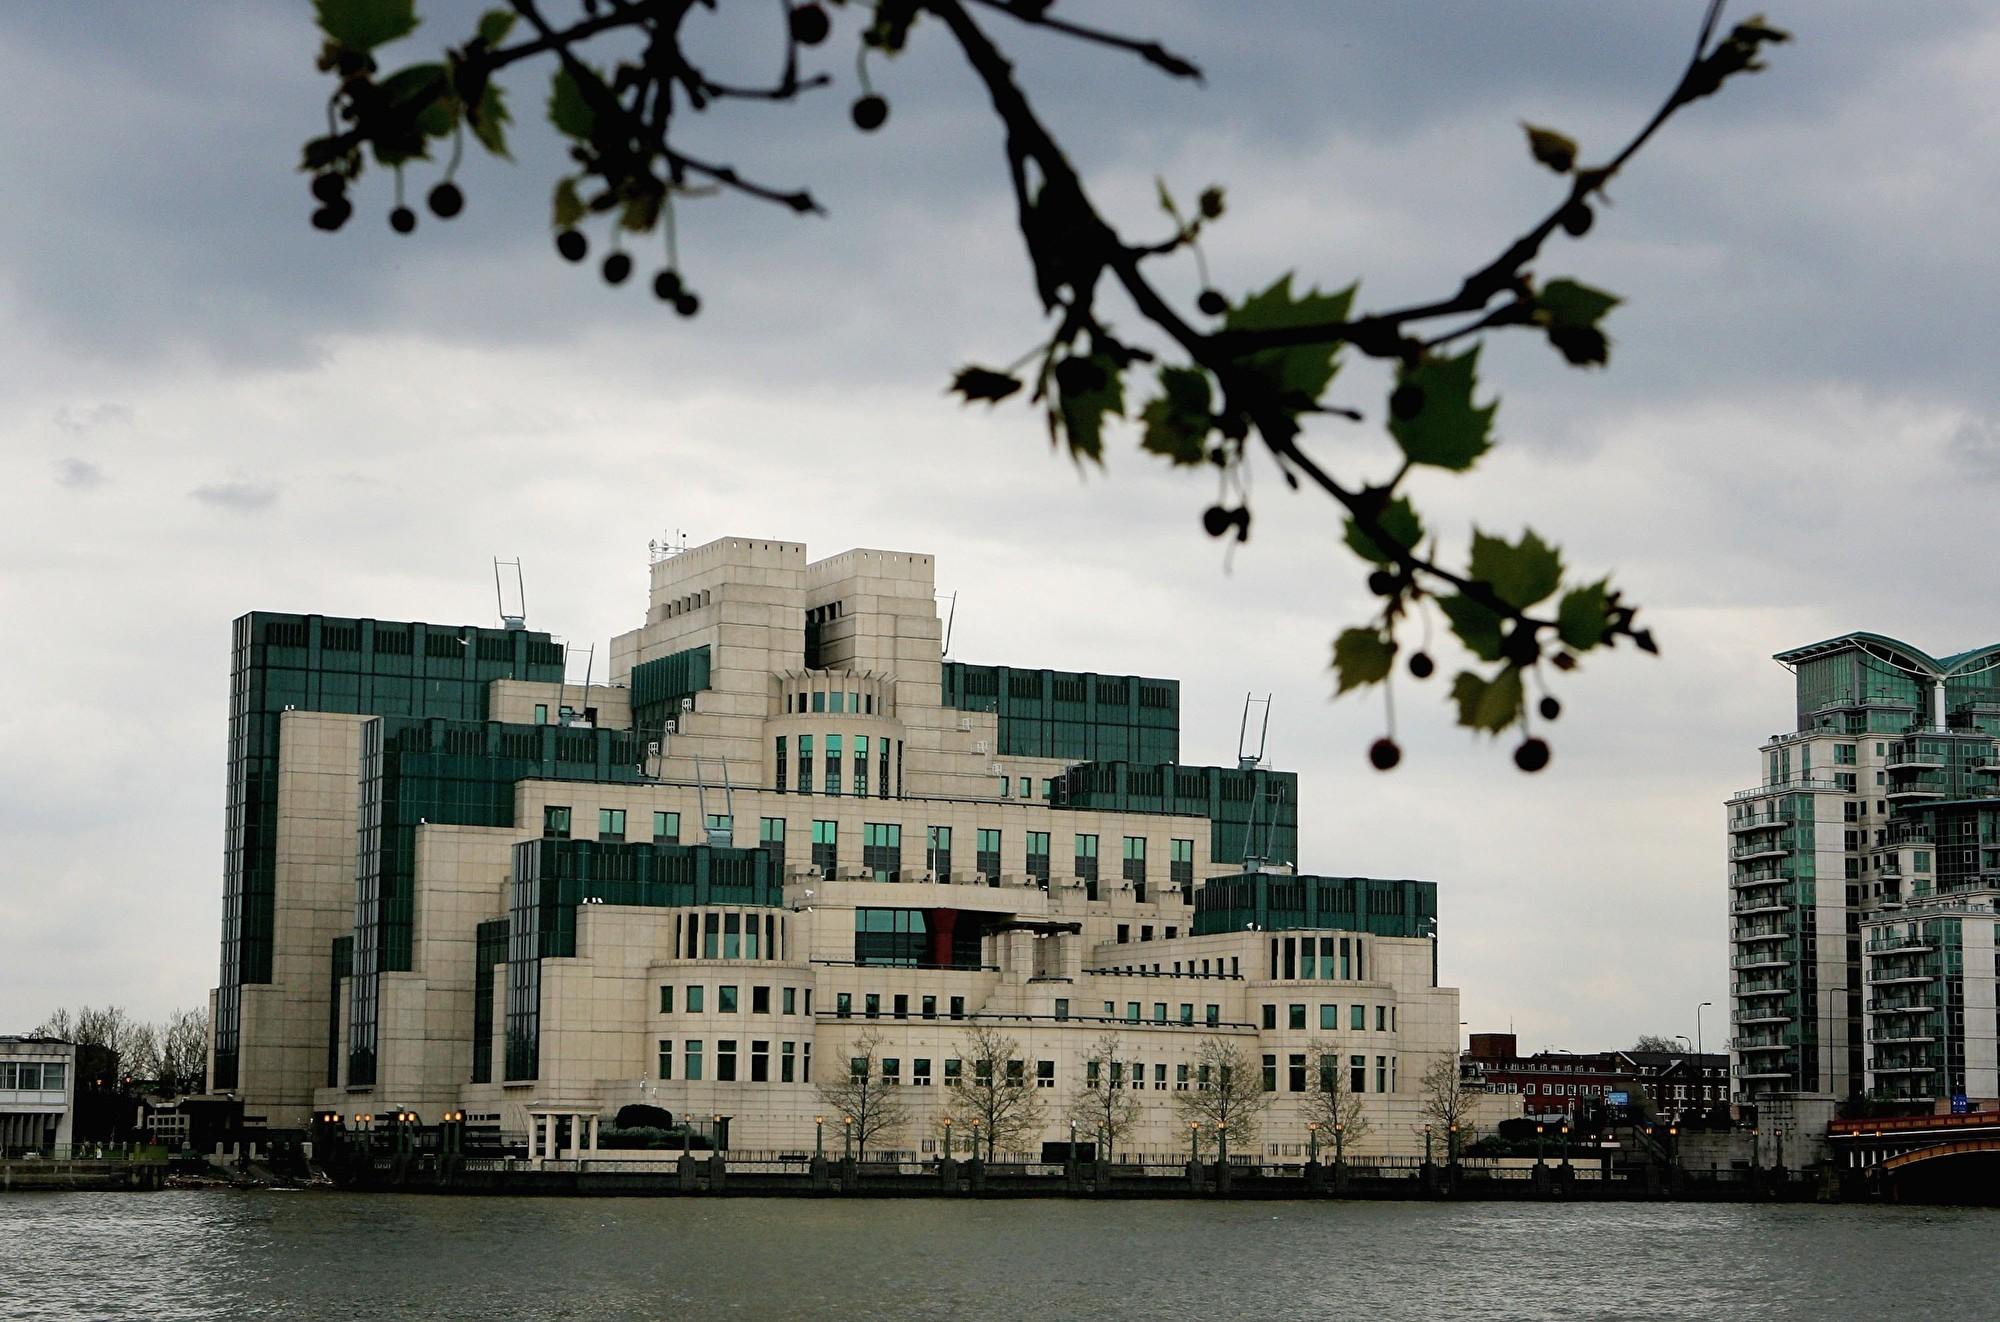 倫敦市中心泰晤士河畔的英國情報部門軍情六處MI6大樓。(Daniel Berehulak/Getty Images)